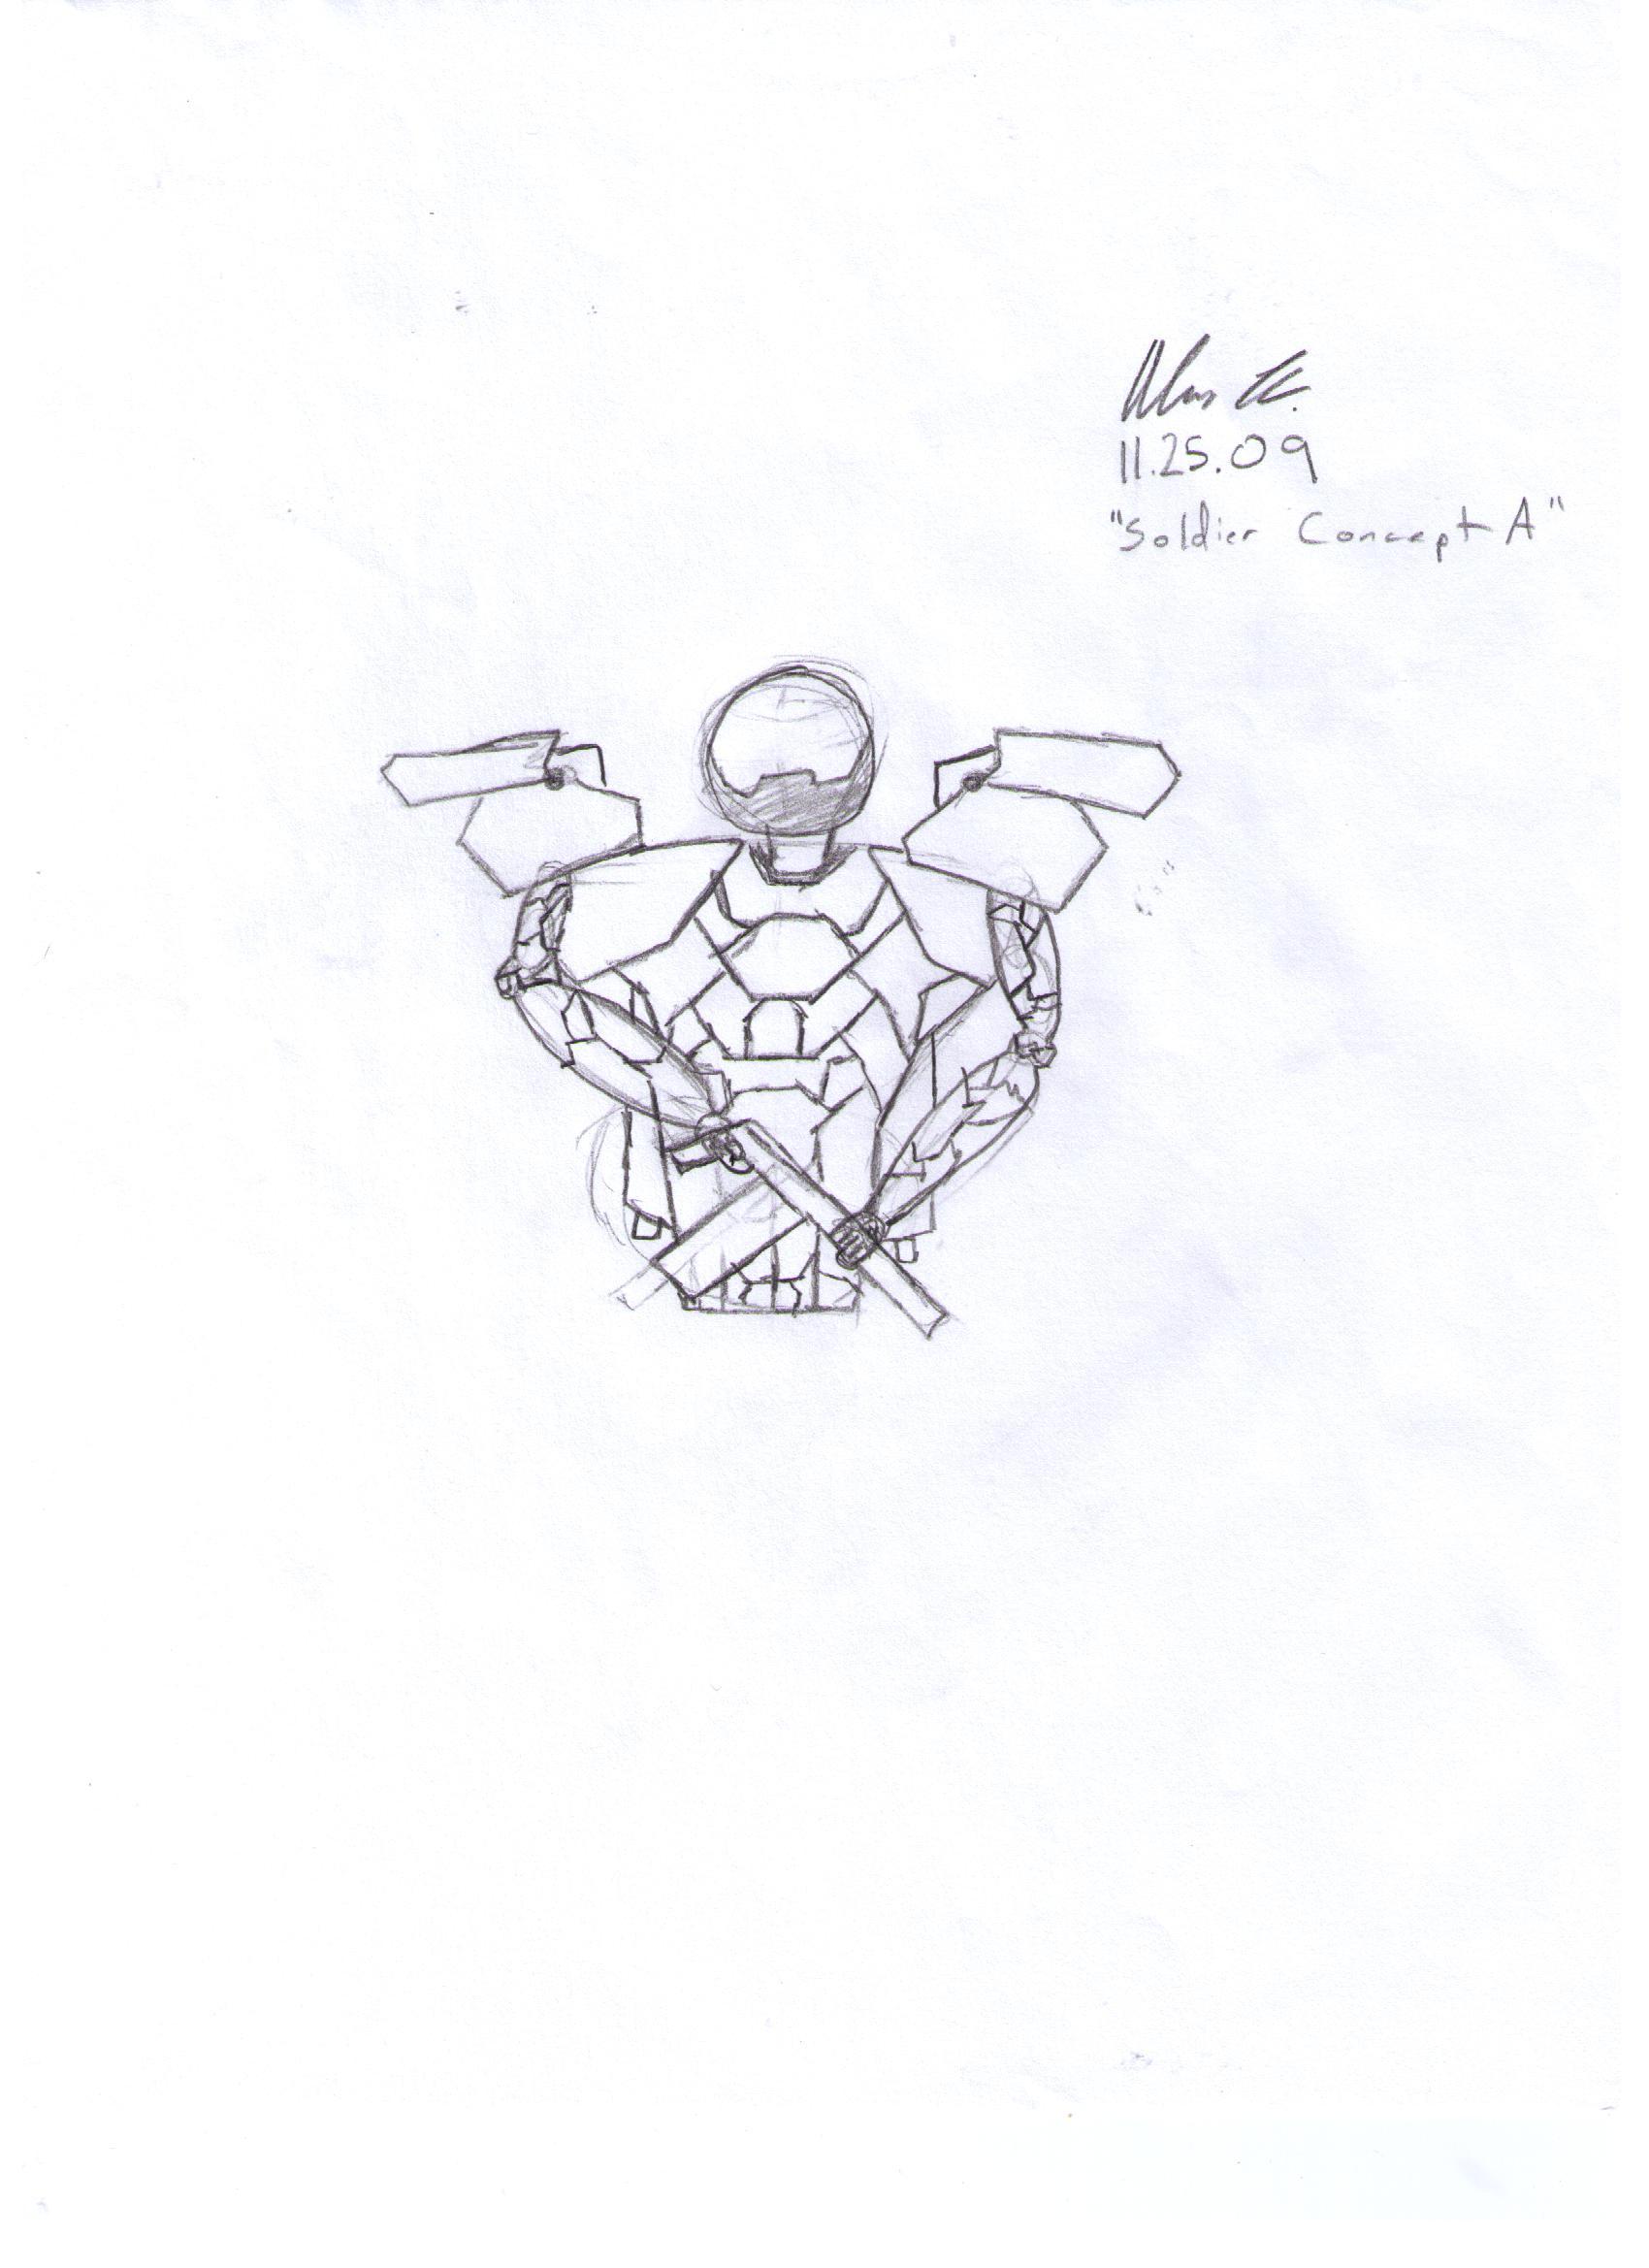 Soldier Concept A